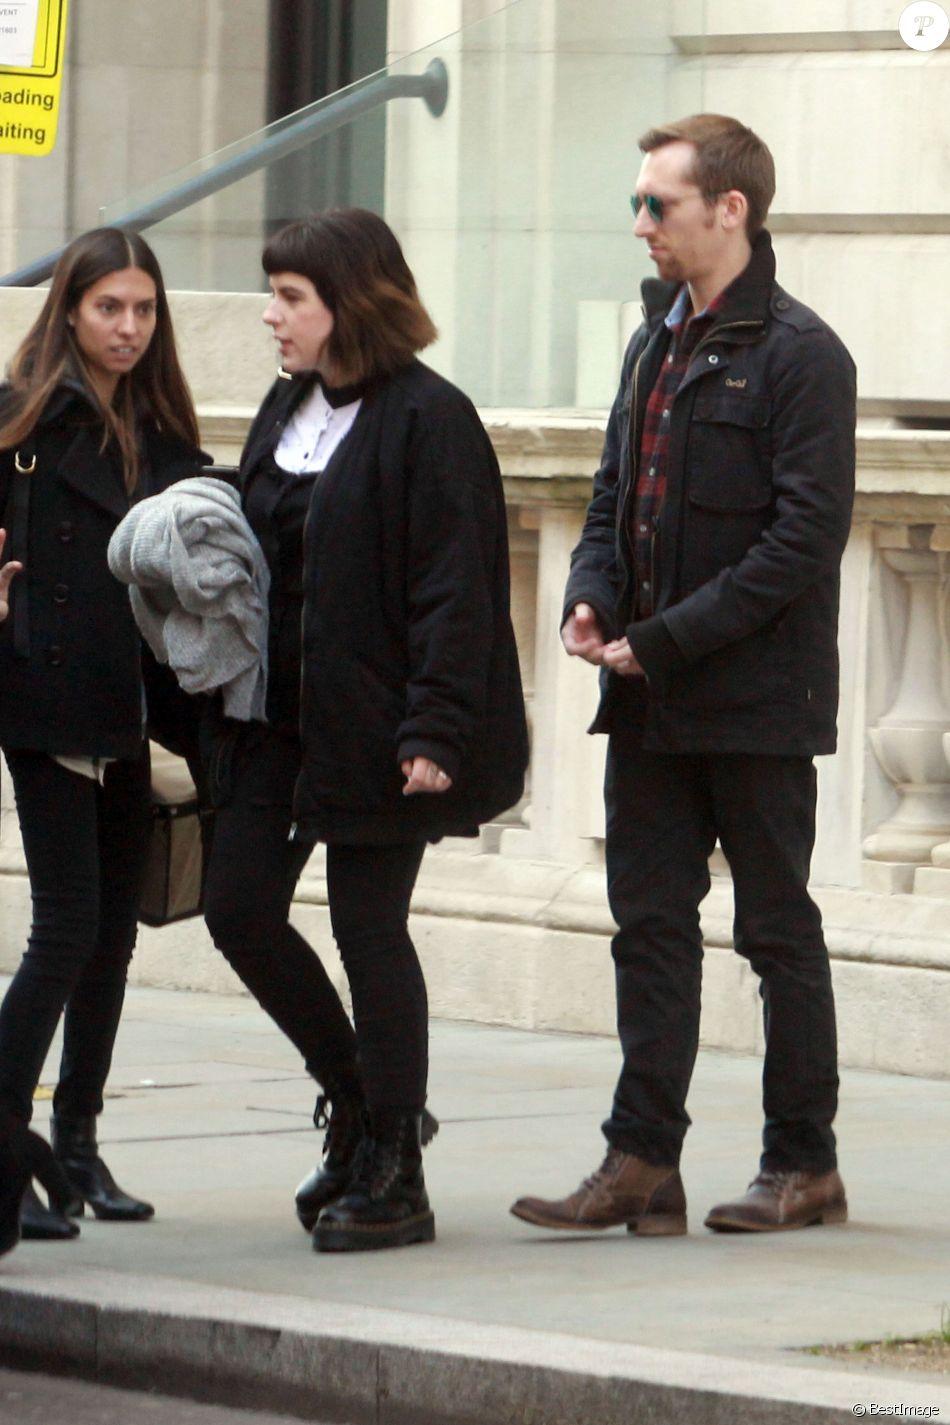 Exclusif - Max Parker et sa femme Isabella Cruise (fille adoptive de Tom Cruise et Nicole Kidman) à Londres le 22 janvier 2017, sortant de leur résidence privée de Whitehall avant de se rendre dans le centre de Londres pour aller voir la représentation de Harry potter.